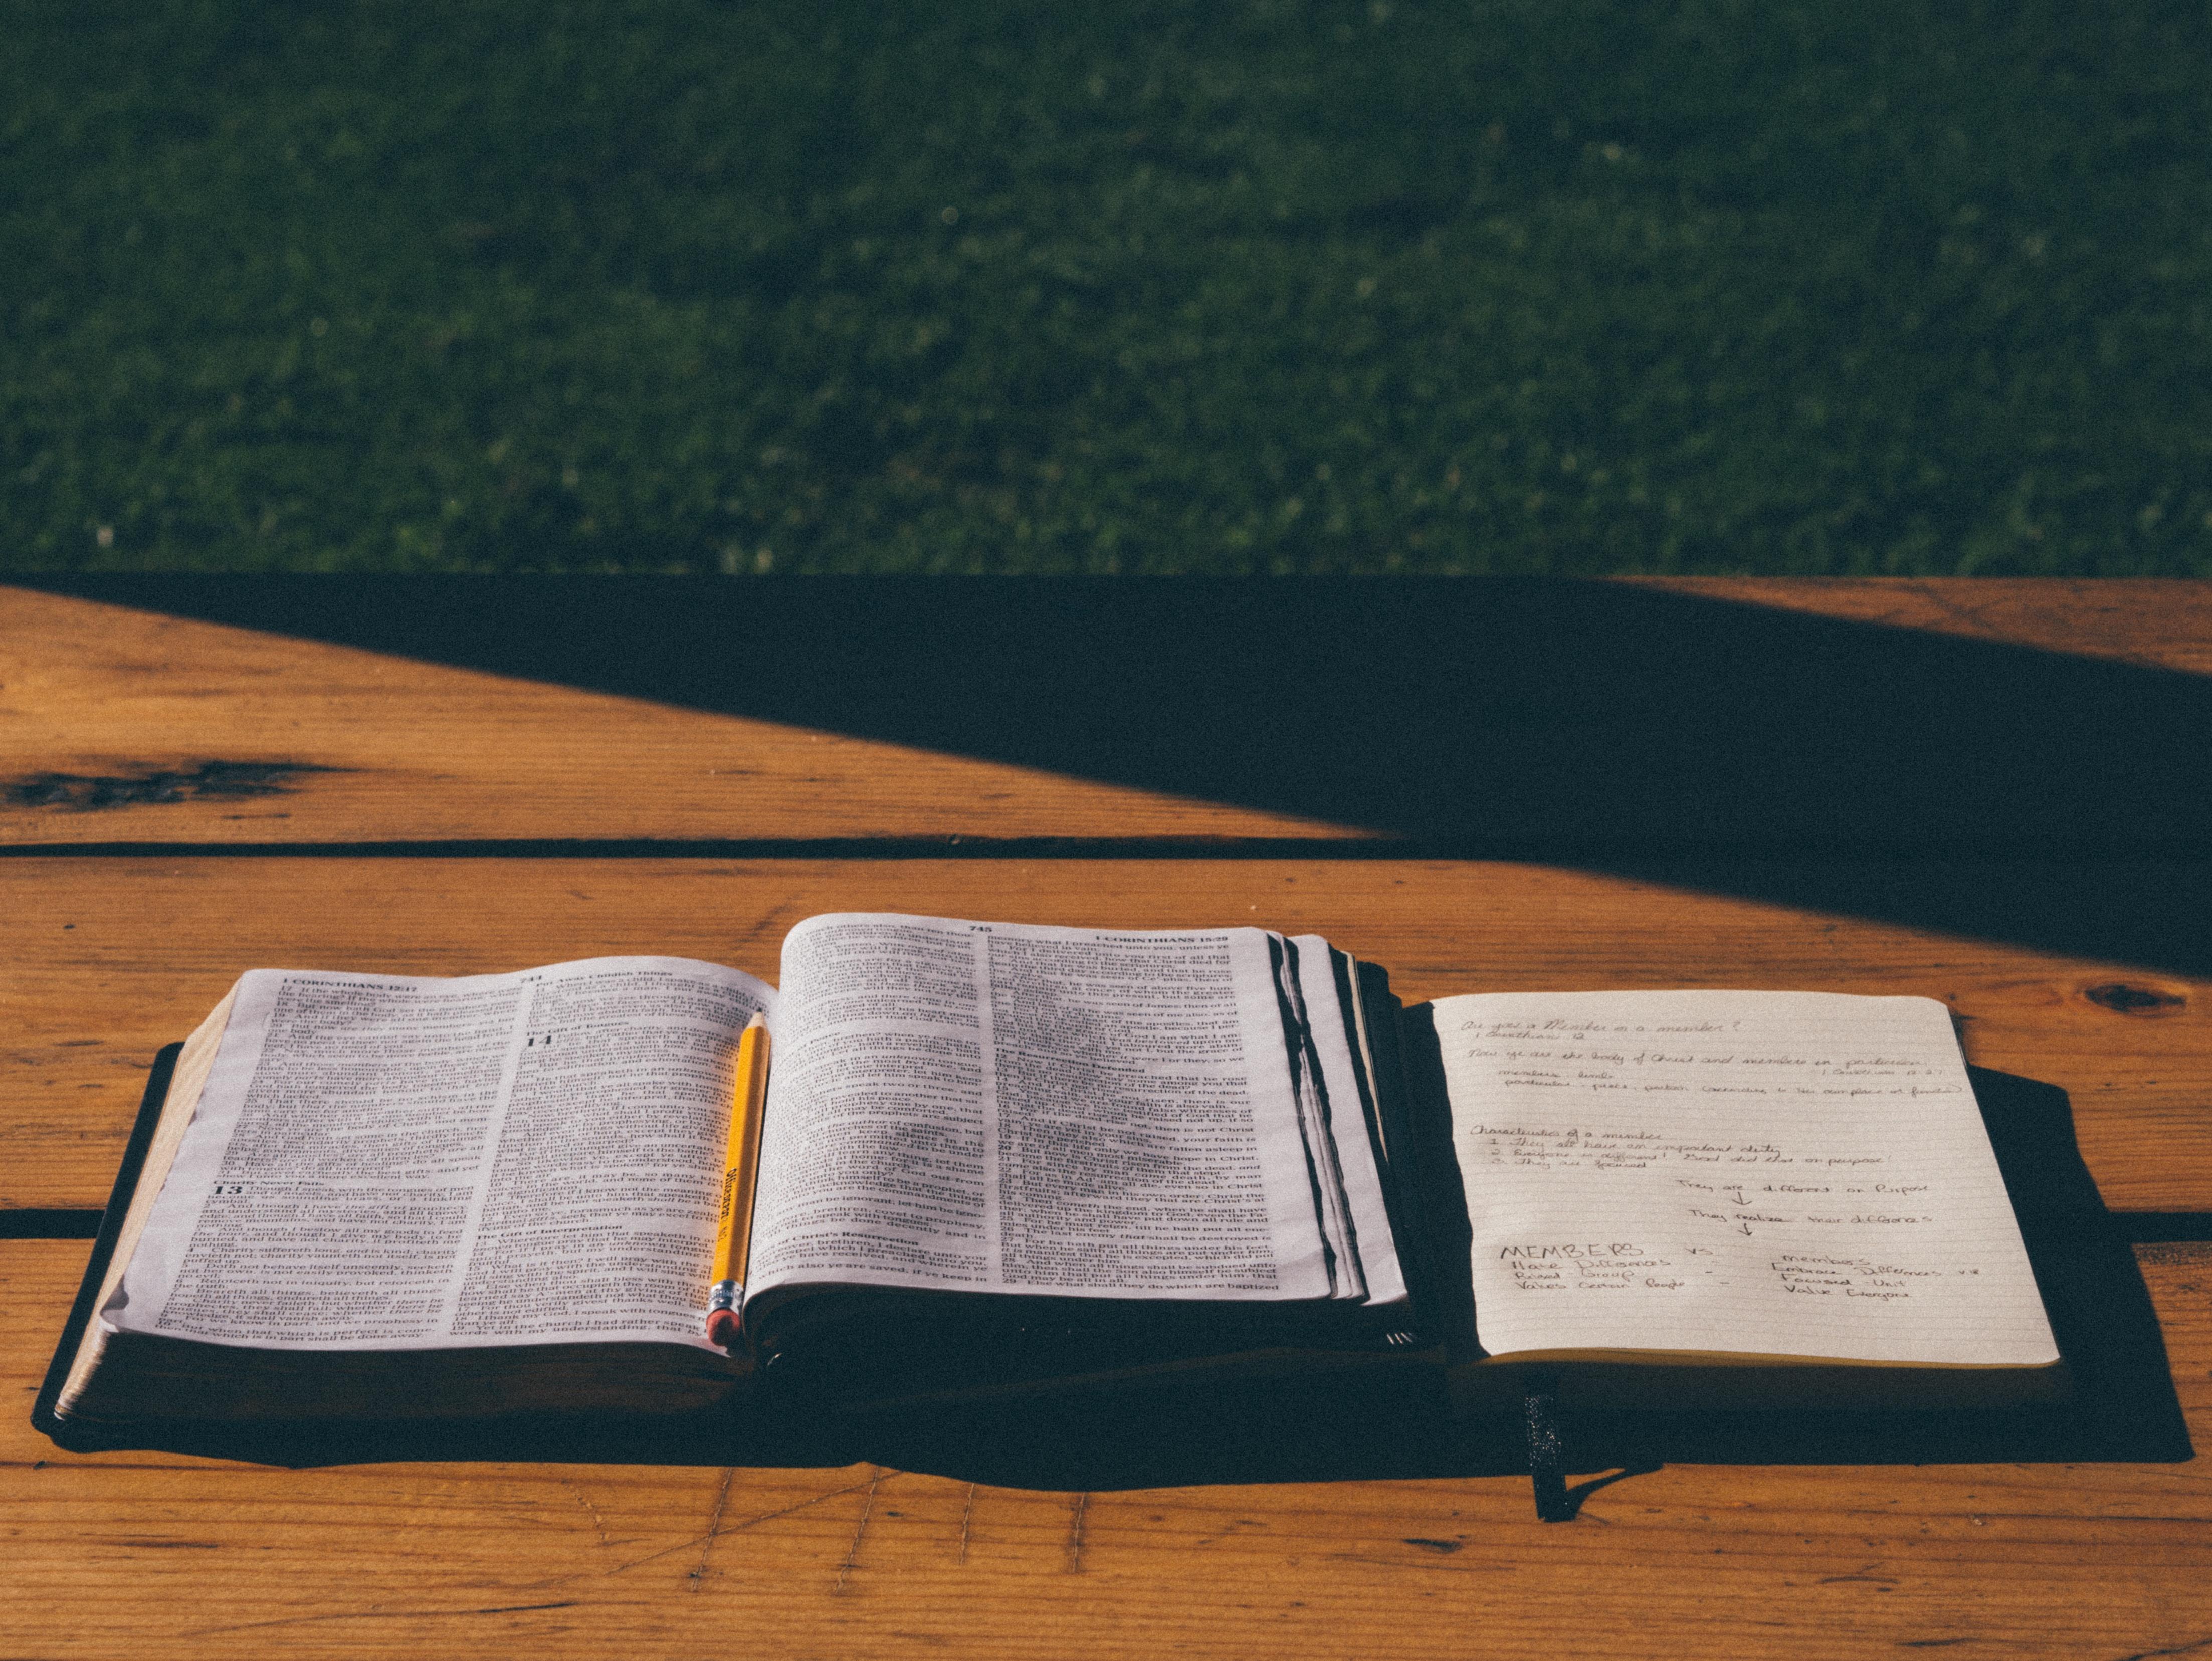 Kostenlose foto : Buch, Bleistift, Holz, Bibel, Hinweis, Studie ...